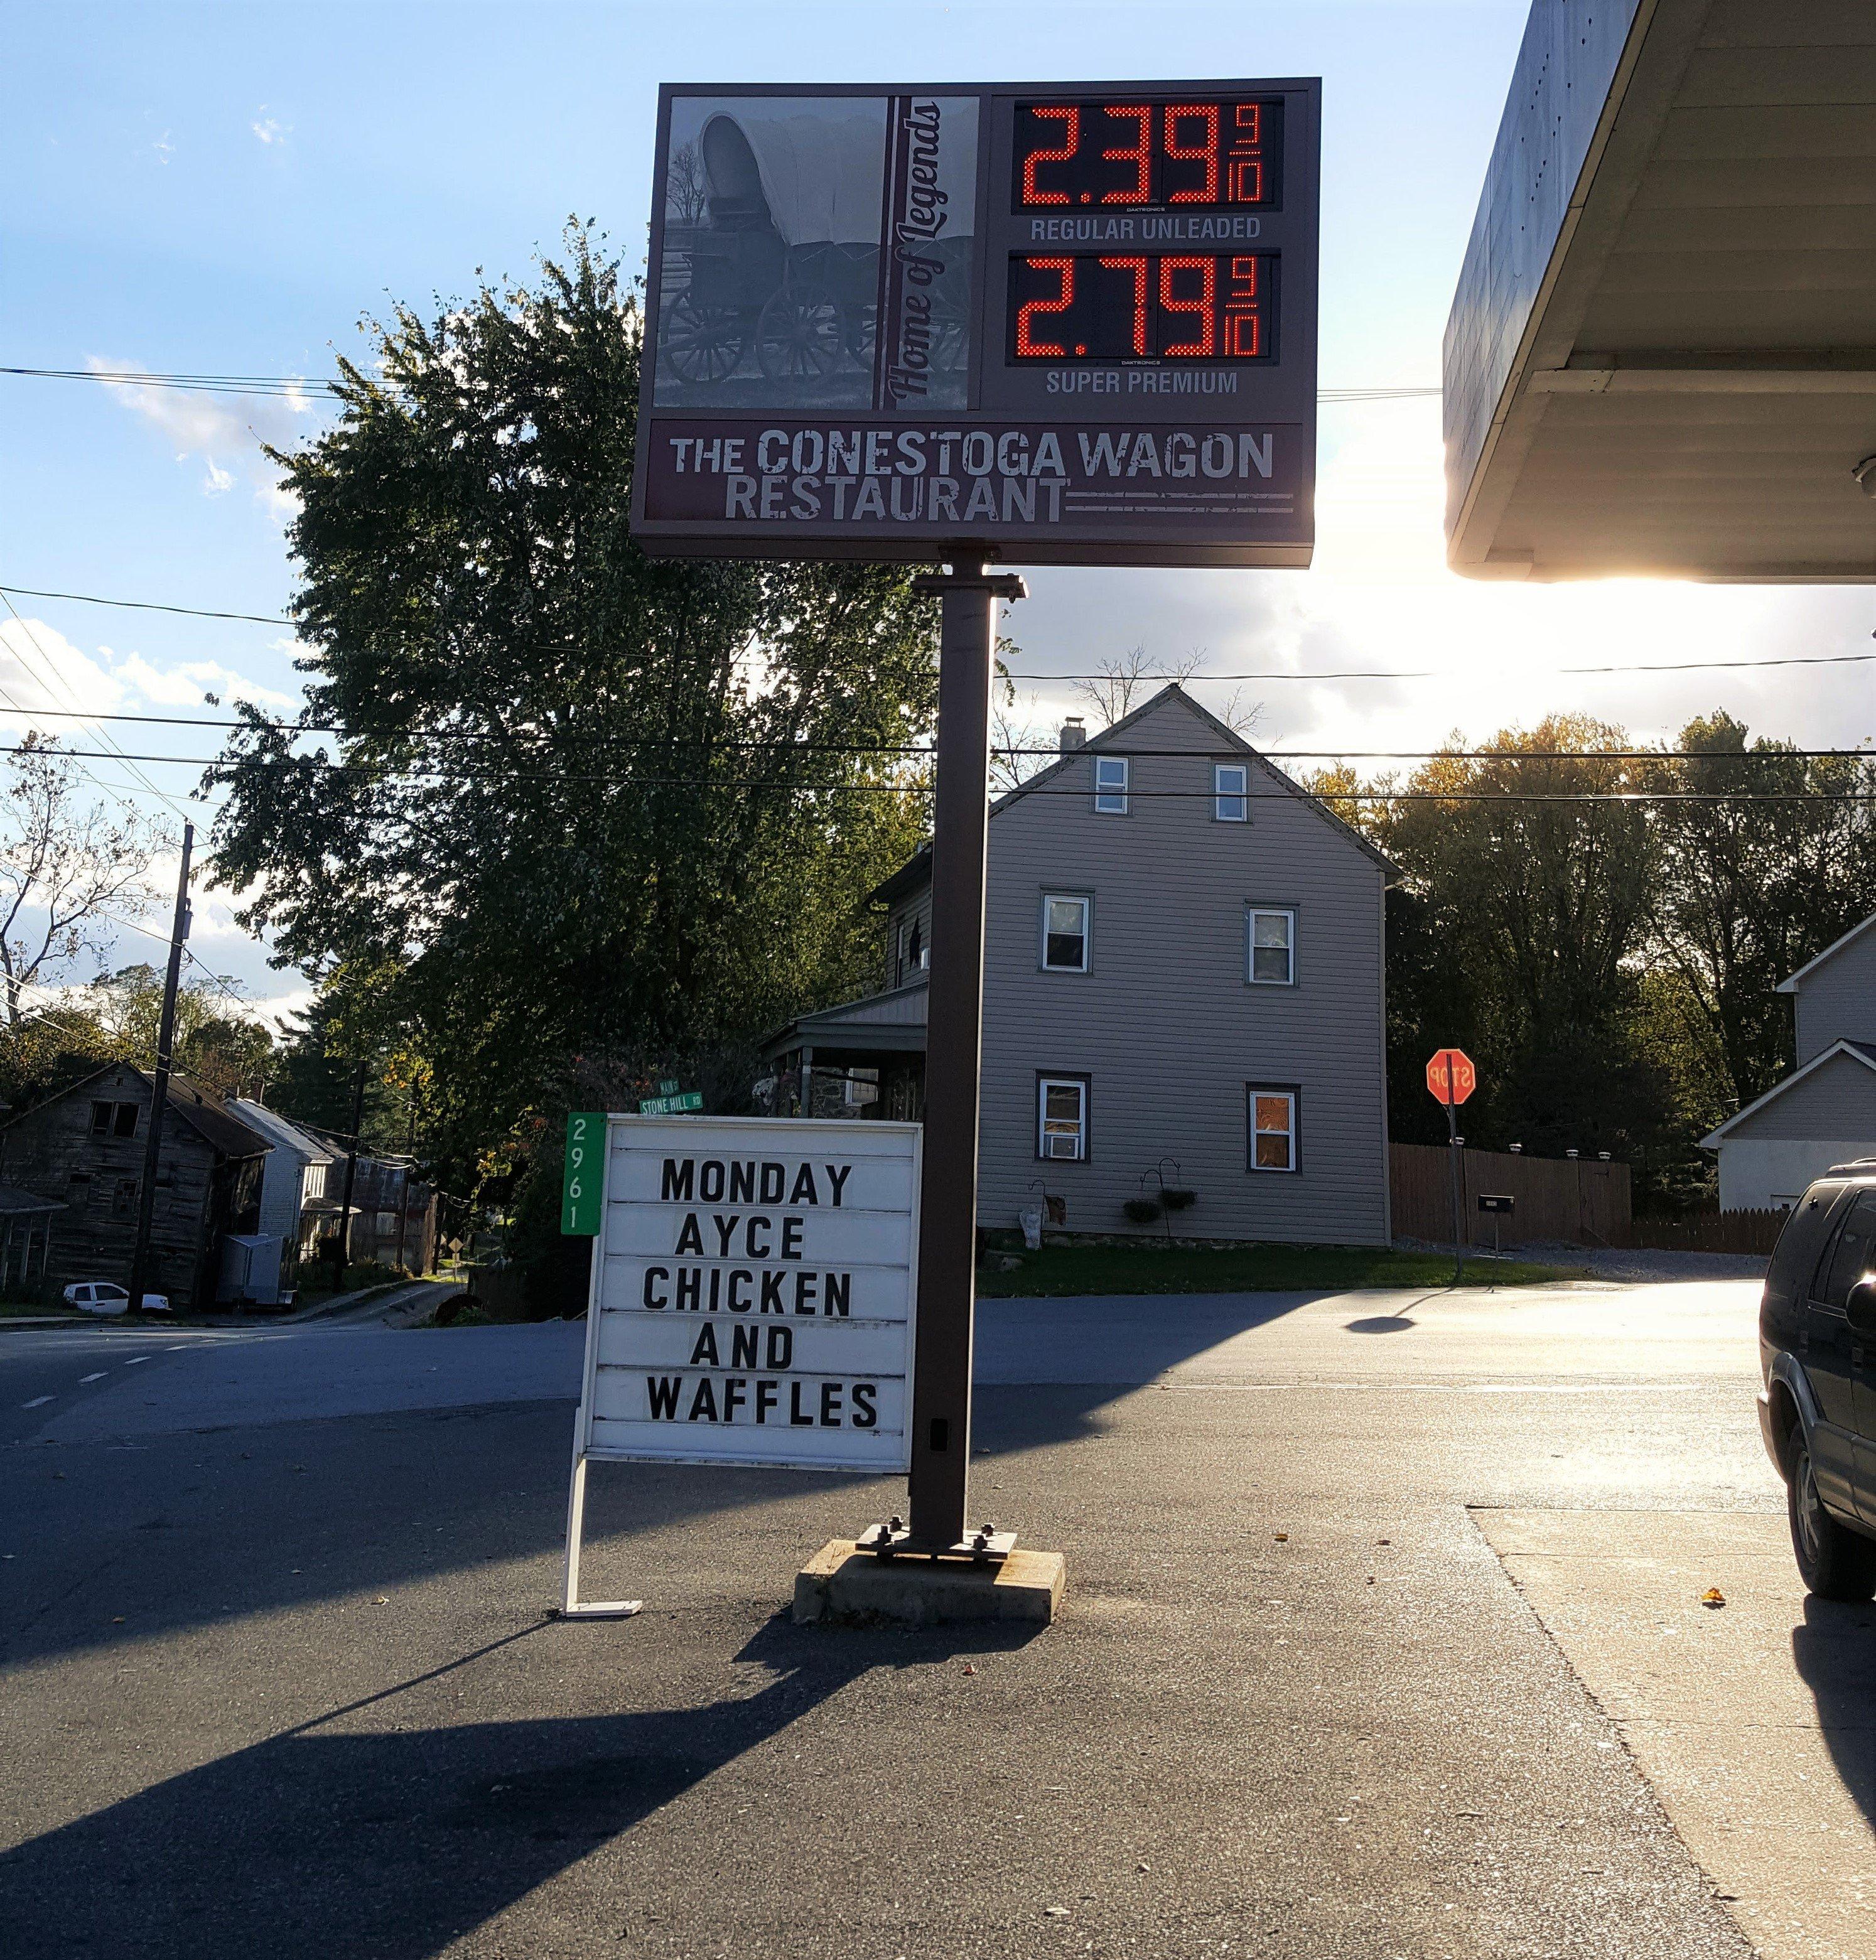 Conestoga Wagon and Quick Shop in Conestoga, PA.